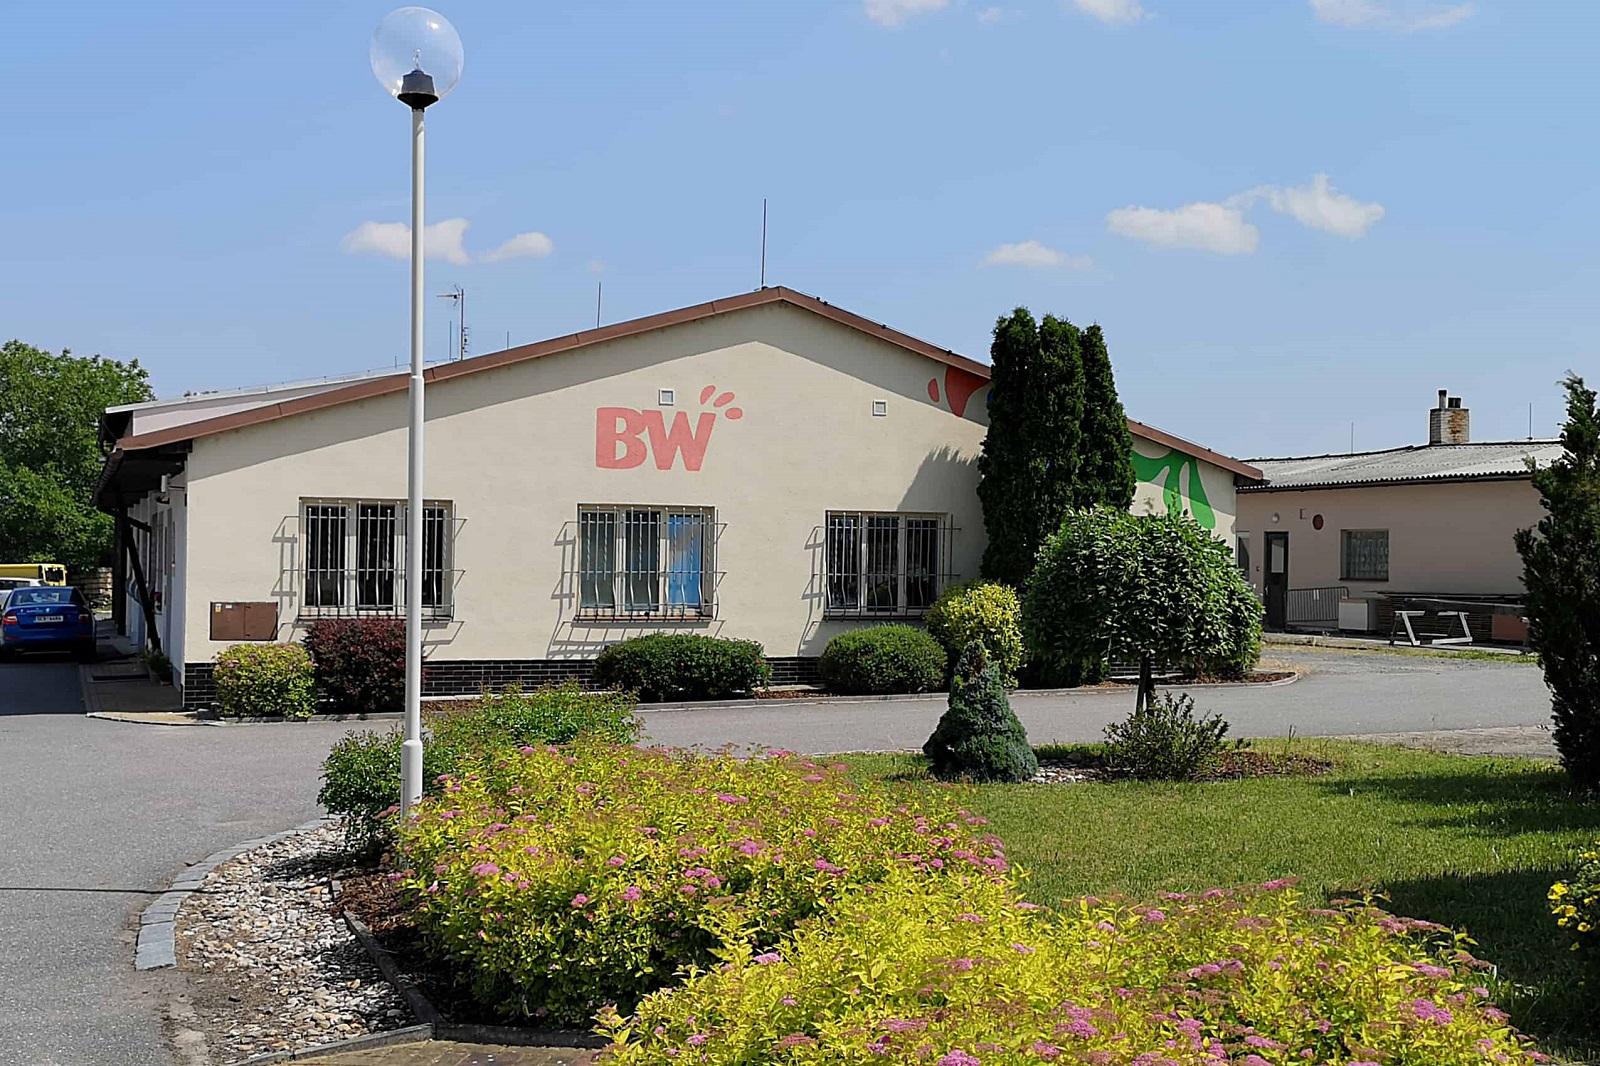 BW stavitelství budova